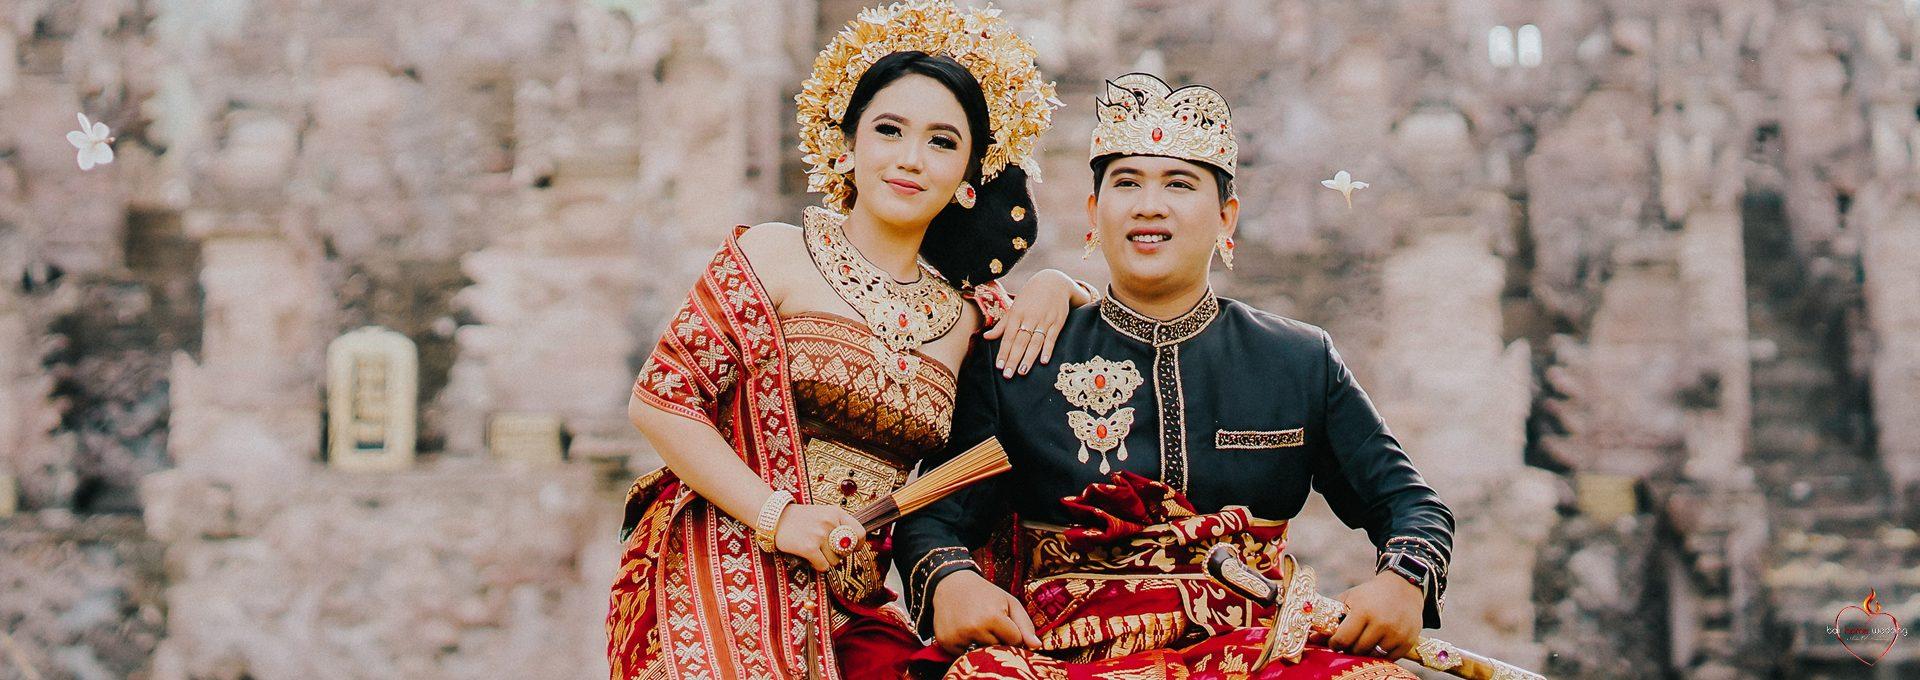 Bali Home Wedding